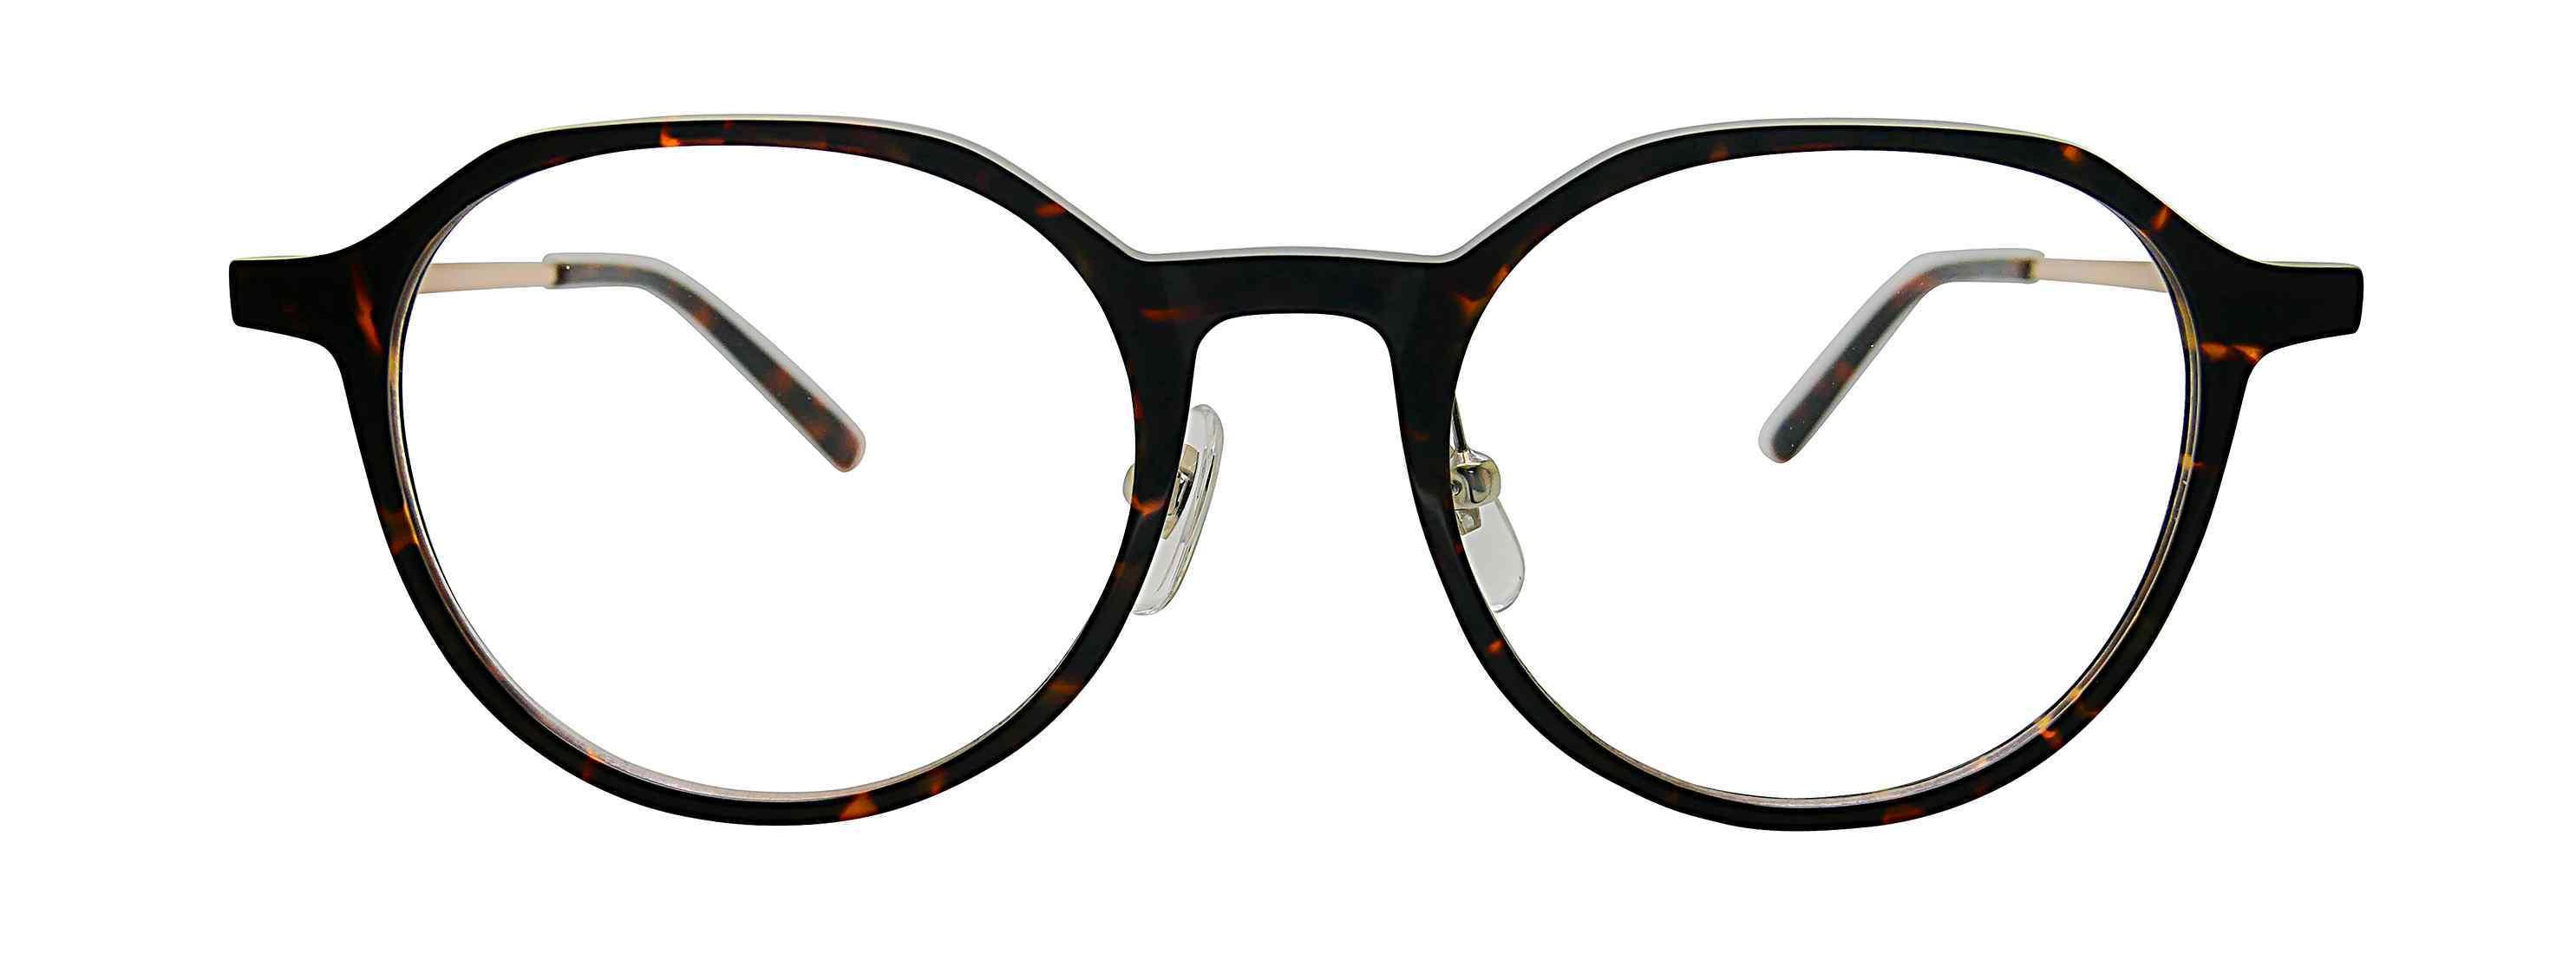 Esprit Spectacles 14314 01